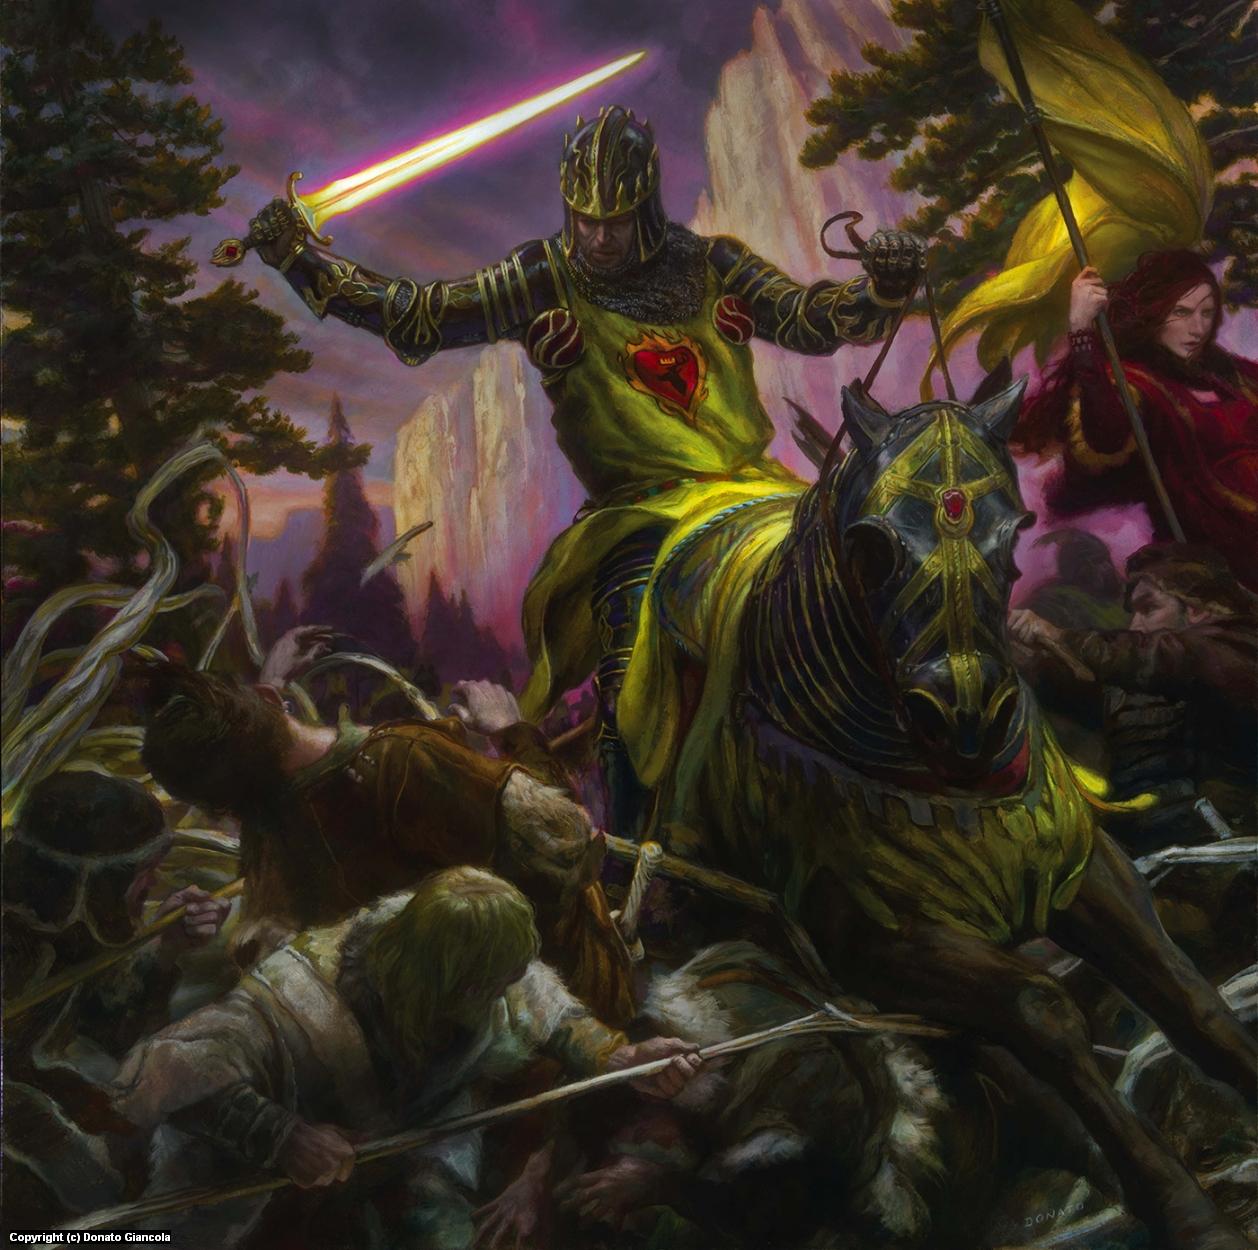 Stannis Baratheon Artwork by Donato Giancola